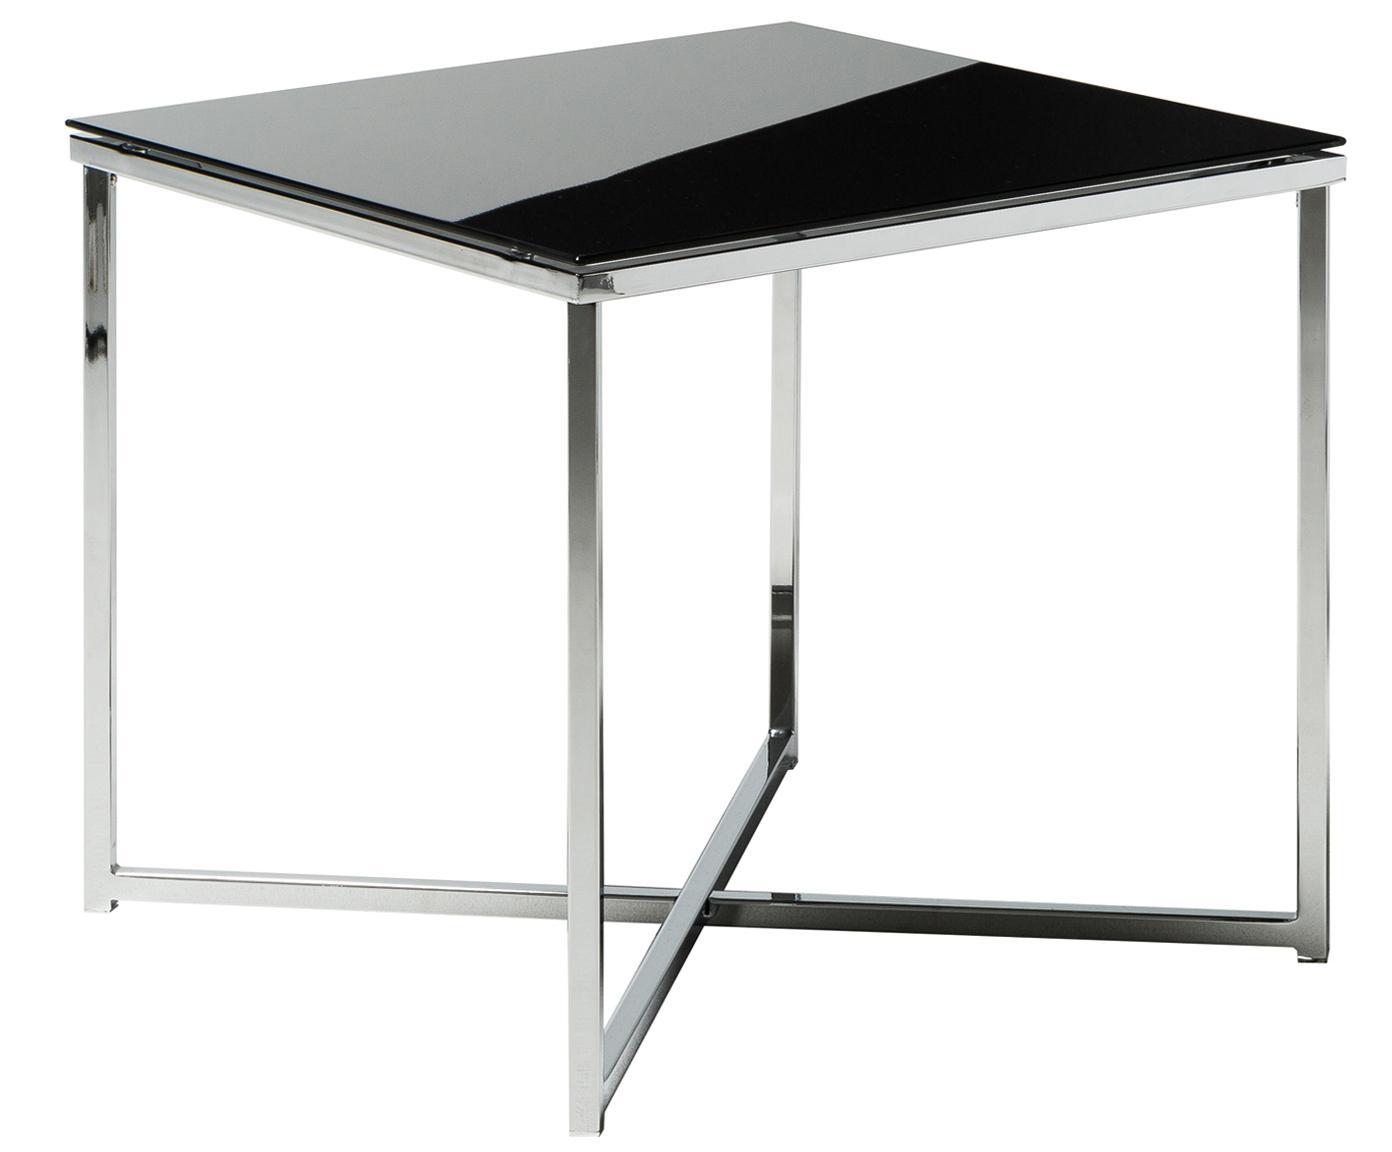 Bijzettafel Matheo met glazen tafelblad, Frame: verchroomd metaal, Tafelblad: veiligheidsglas, Zwart, verchroomd metaalkleurig, 50 x 45 cm